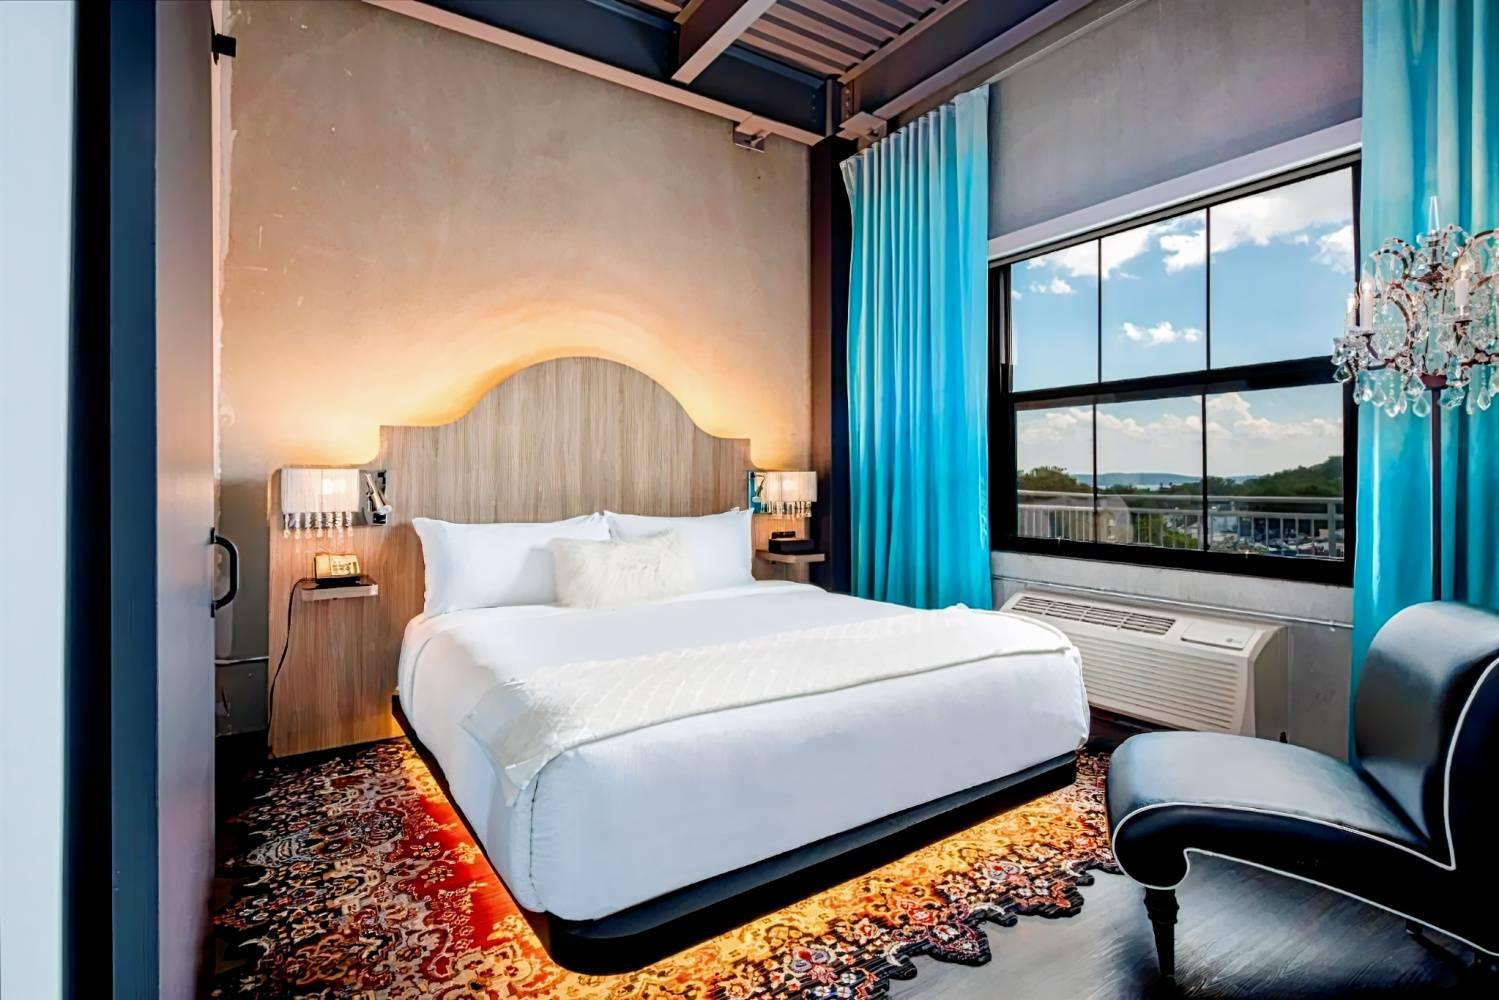 Hotel Nyack, a JdV by Hyatt Hotel